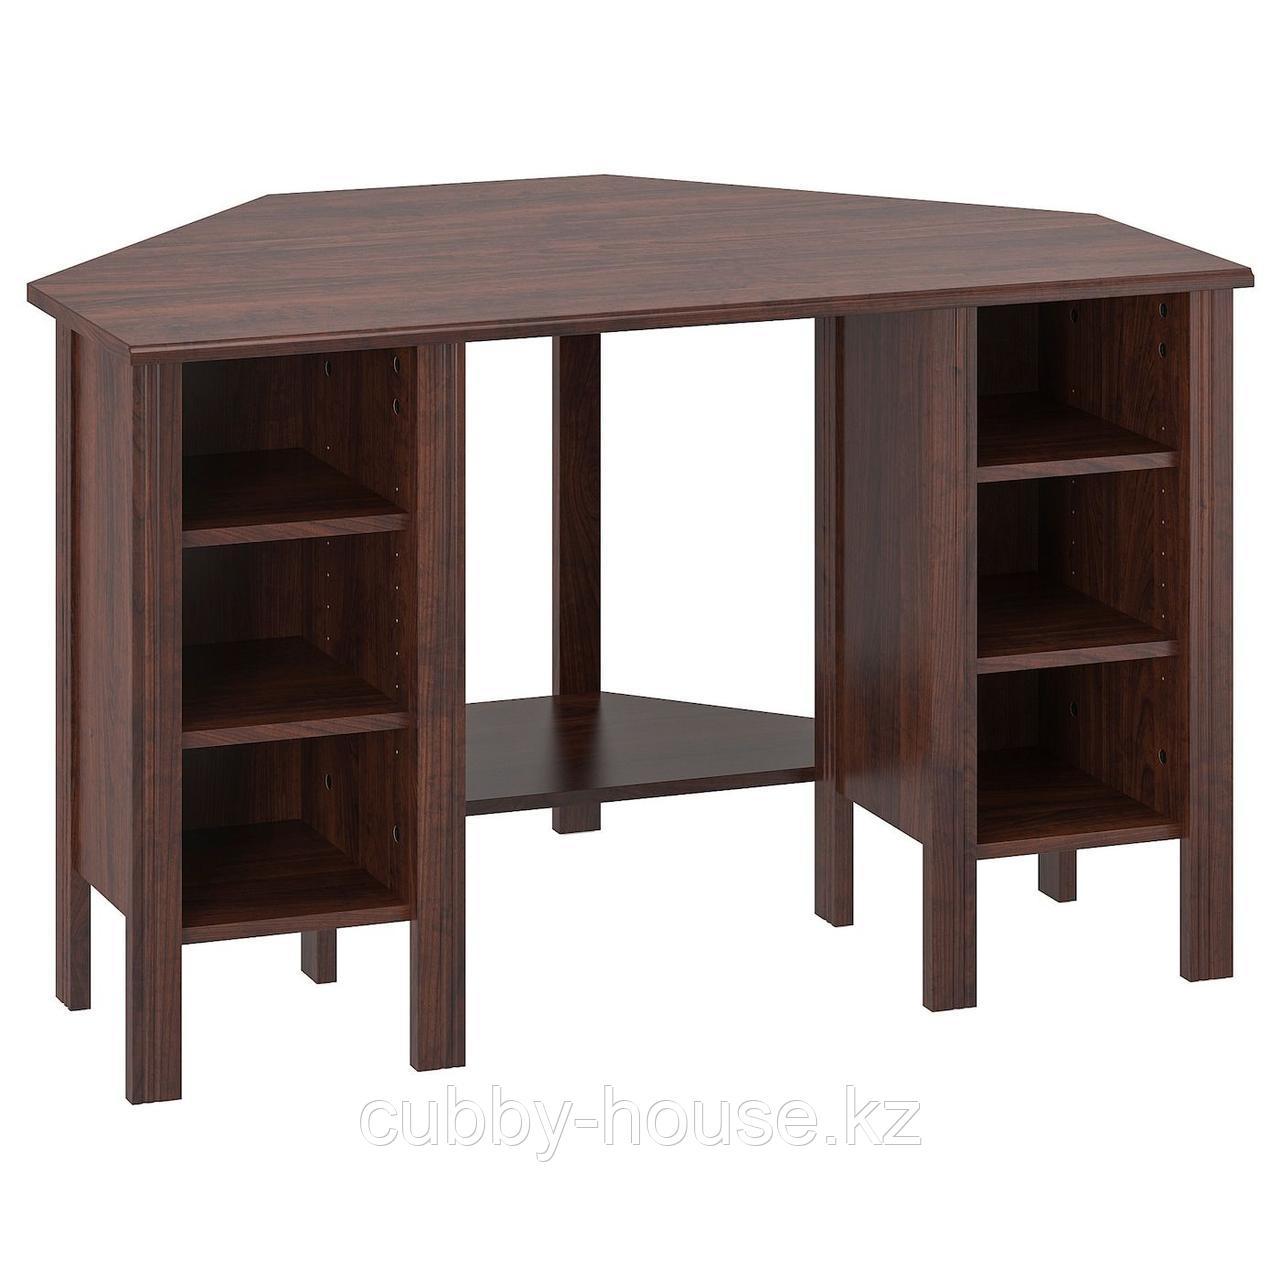 БРУСАЛИ Угловой письменный стол, белый, 120x73 см